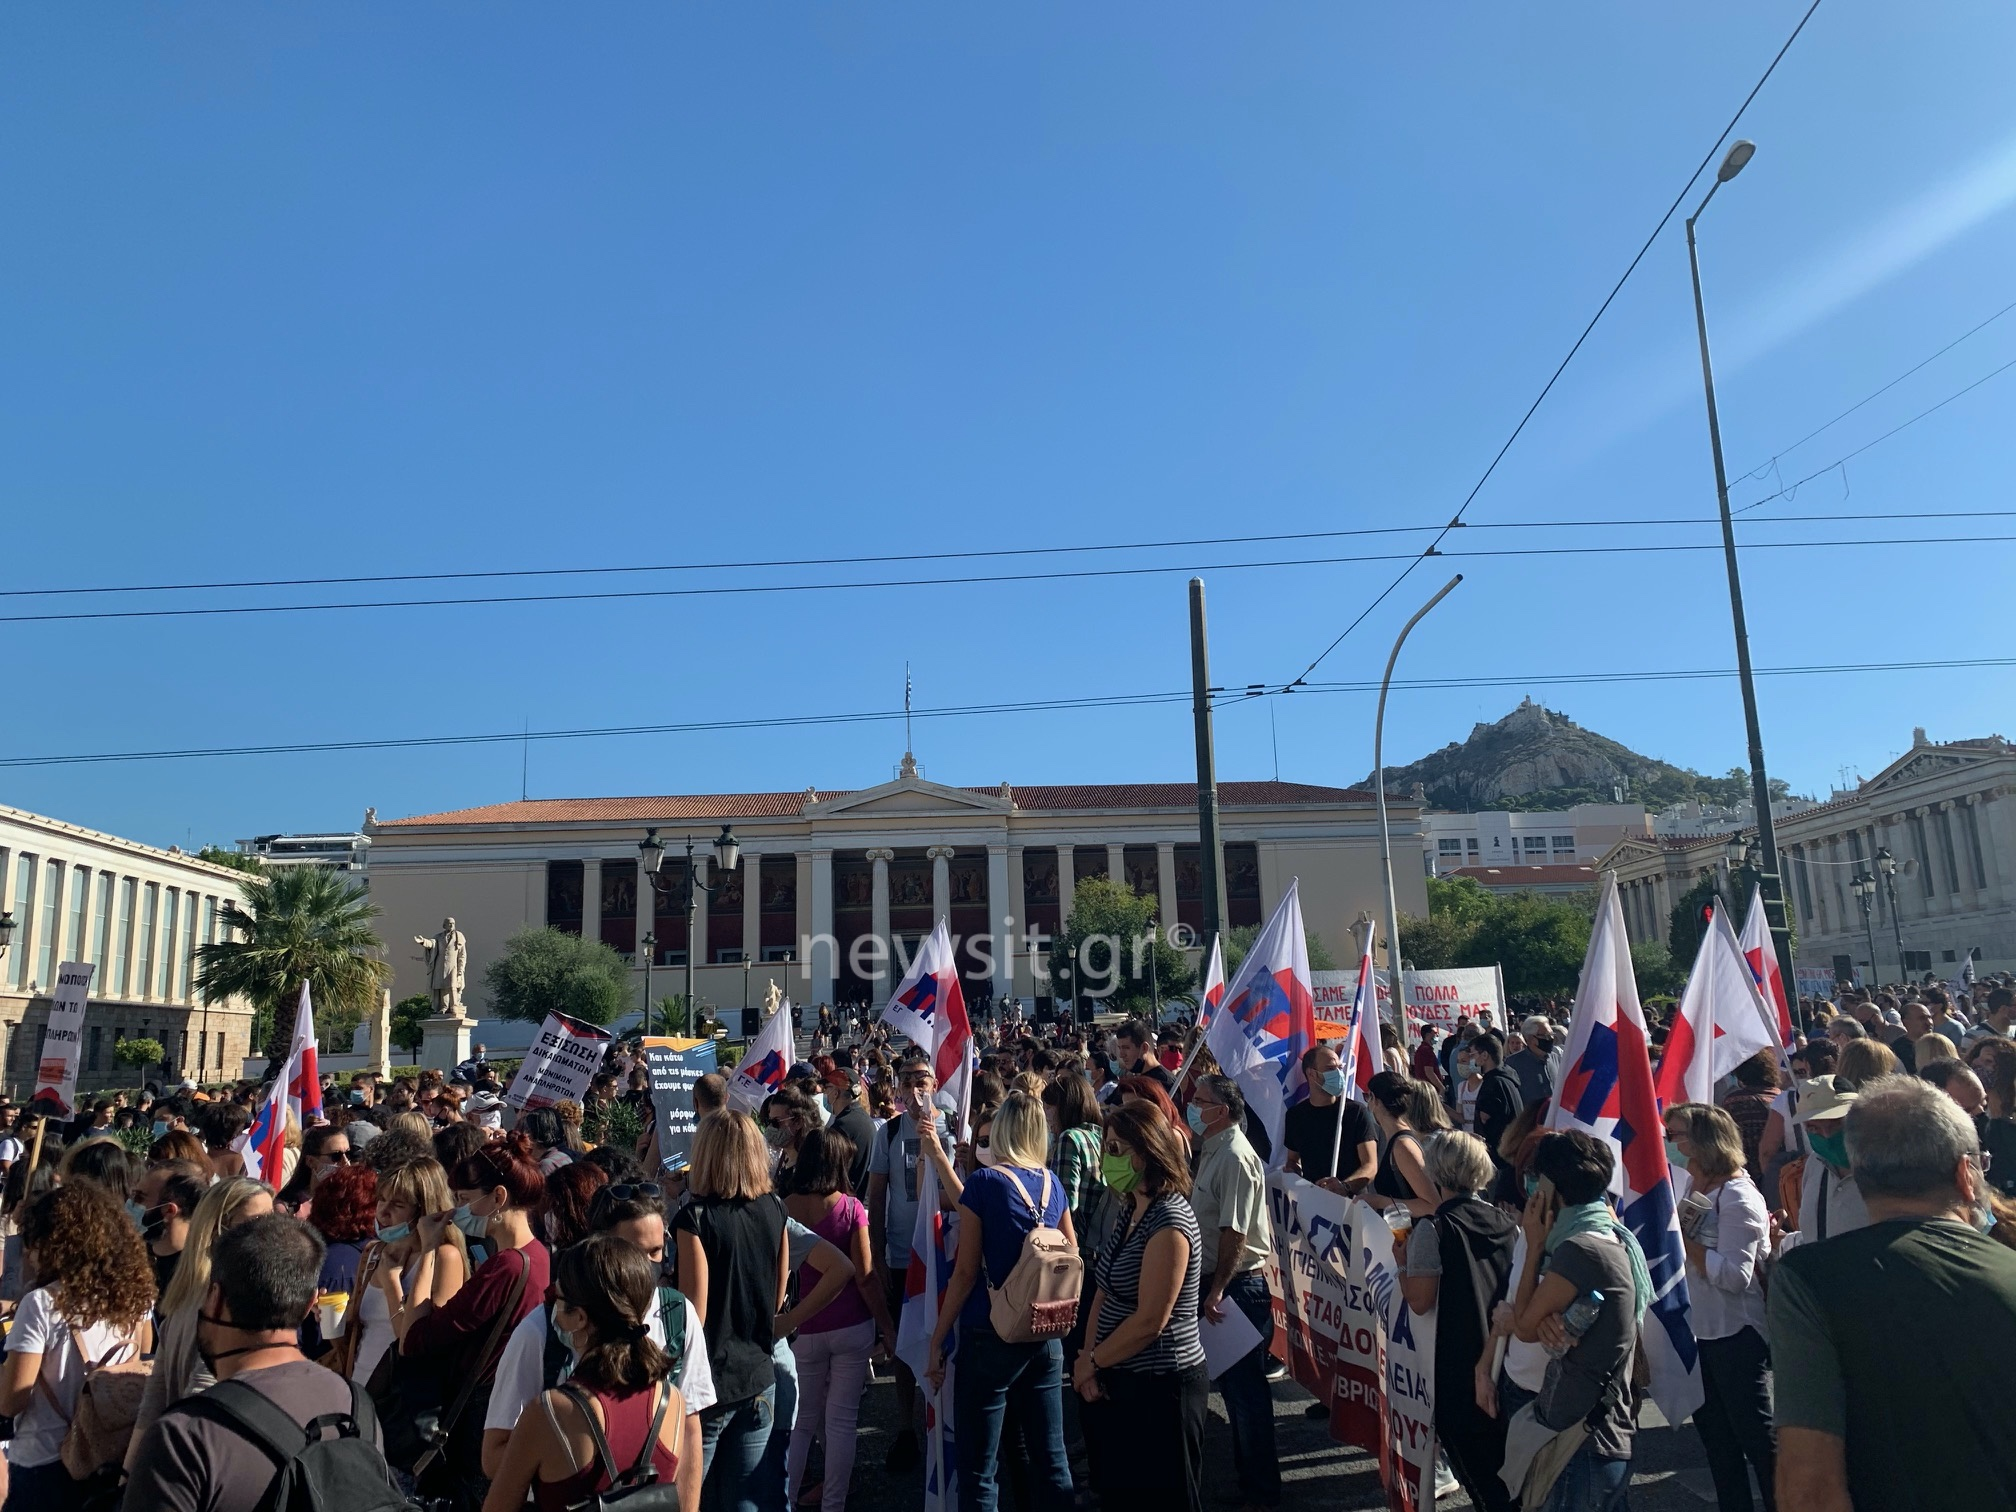 Απεργία ΑΔΕΔΥ: Αδιάβατο το κέντρο! Γιατί υπάρχουν καθυστερήσεις σε τρόλεϊ και λεωφορεία από το πρωί!